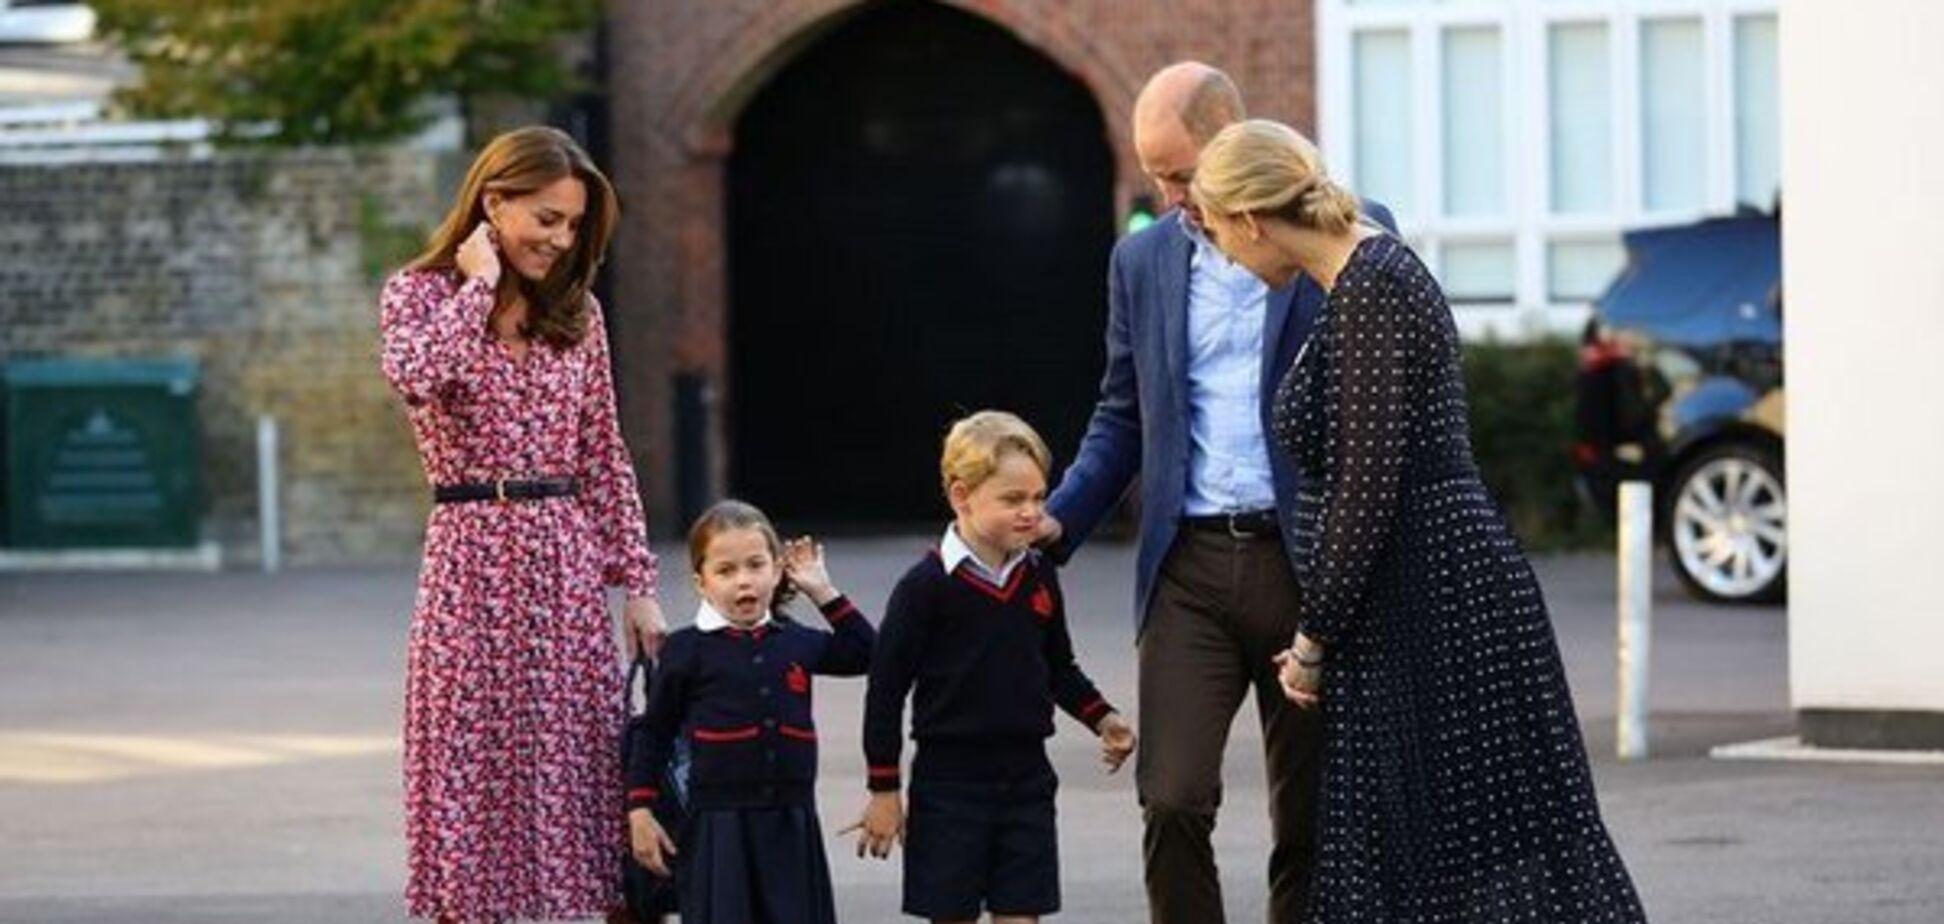 Дочь Уильяма и Миддлтон впервые пошла в школу: милое видео